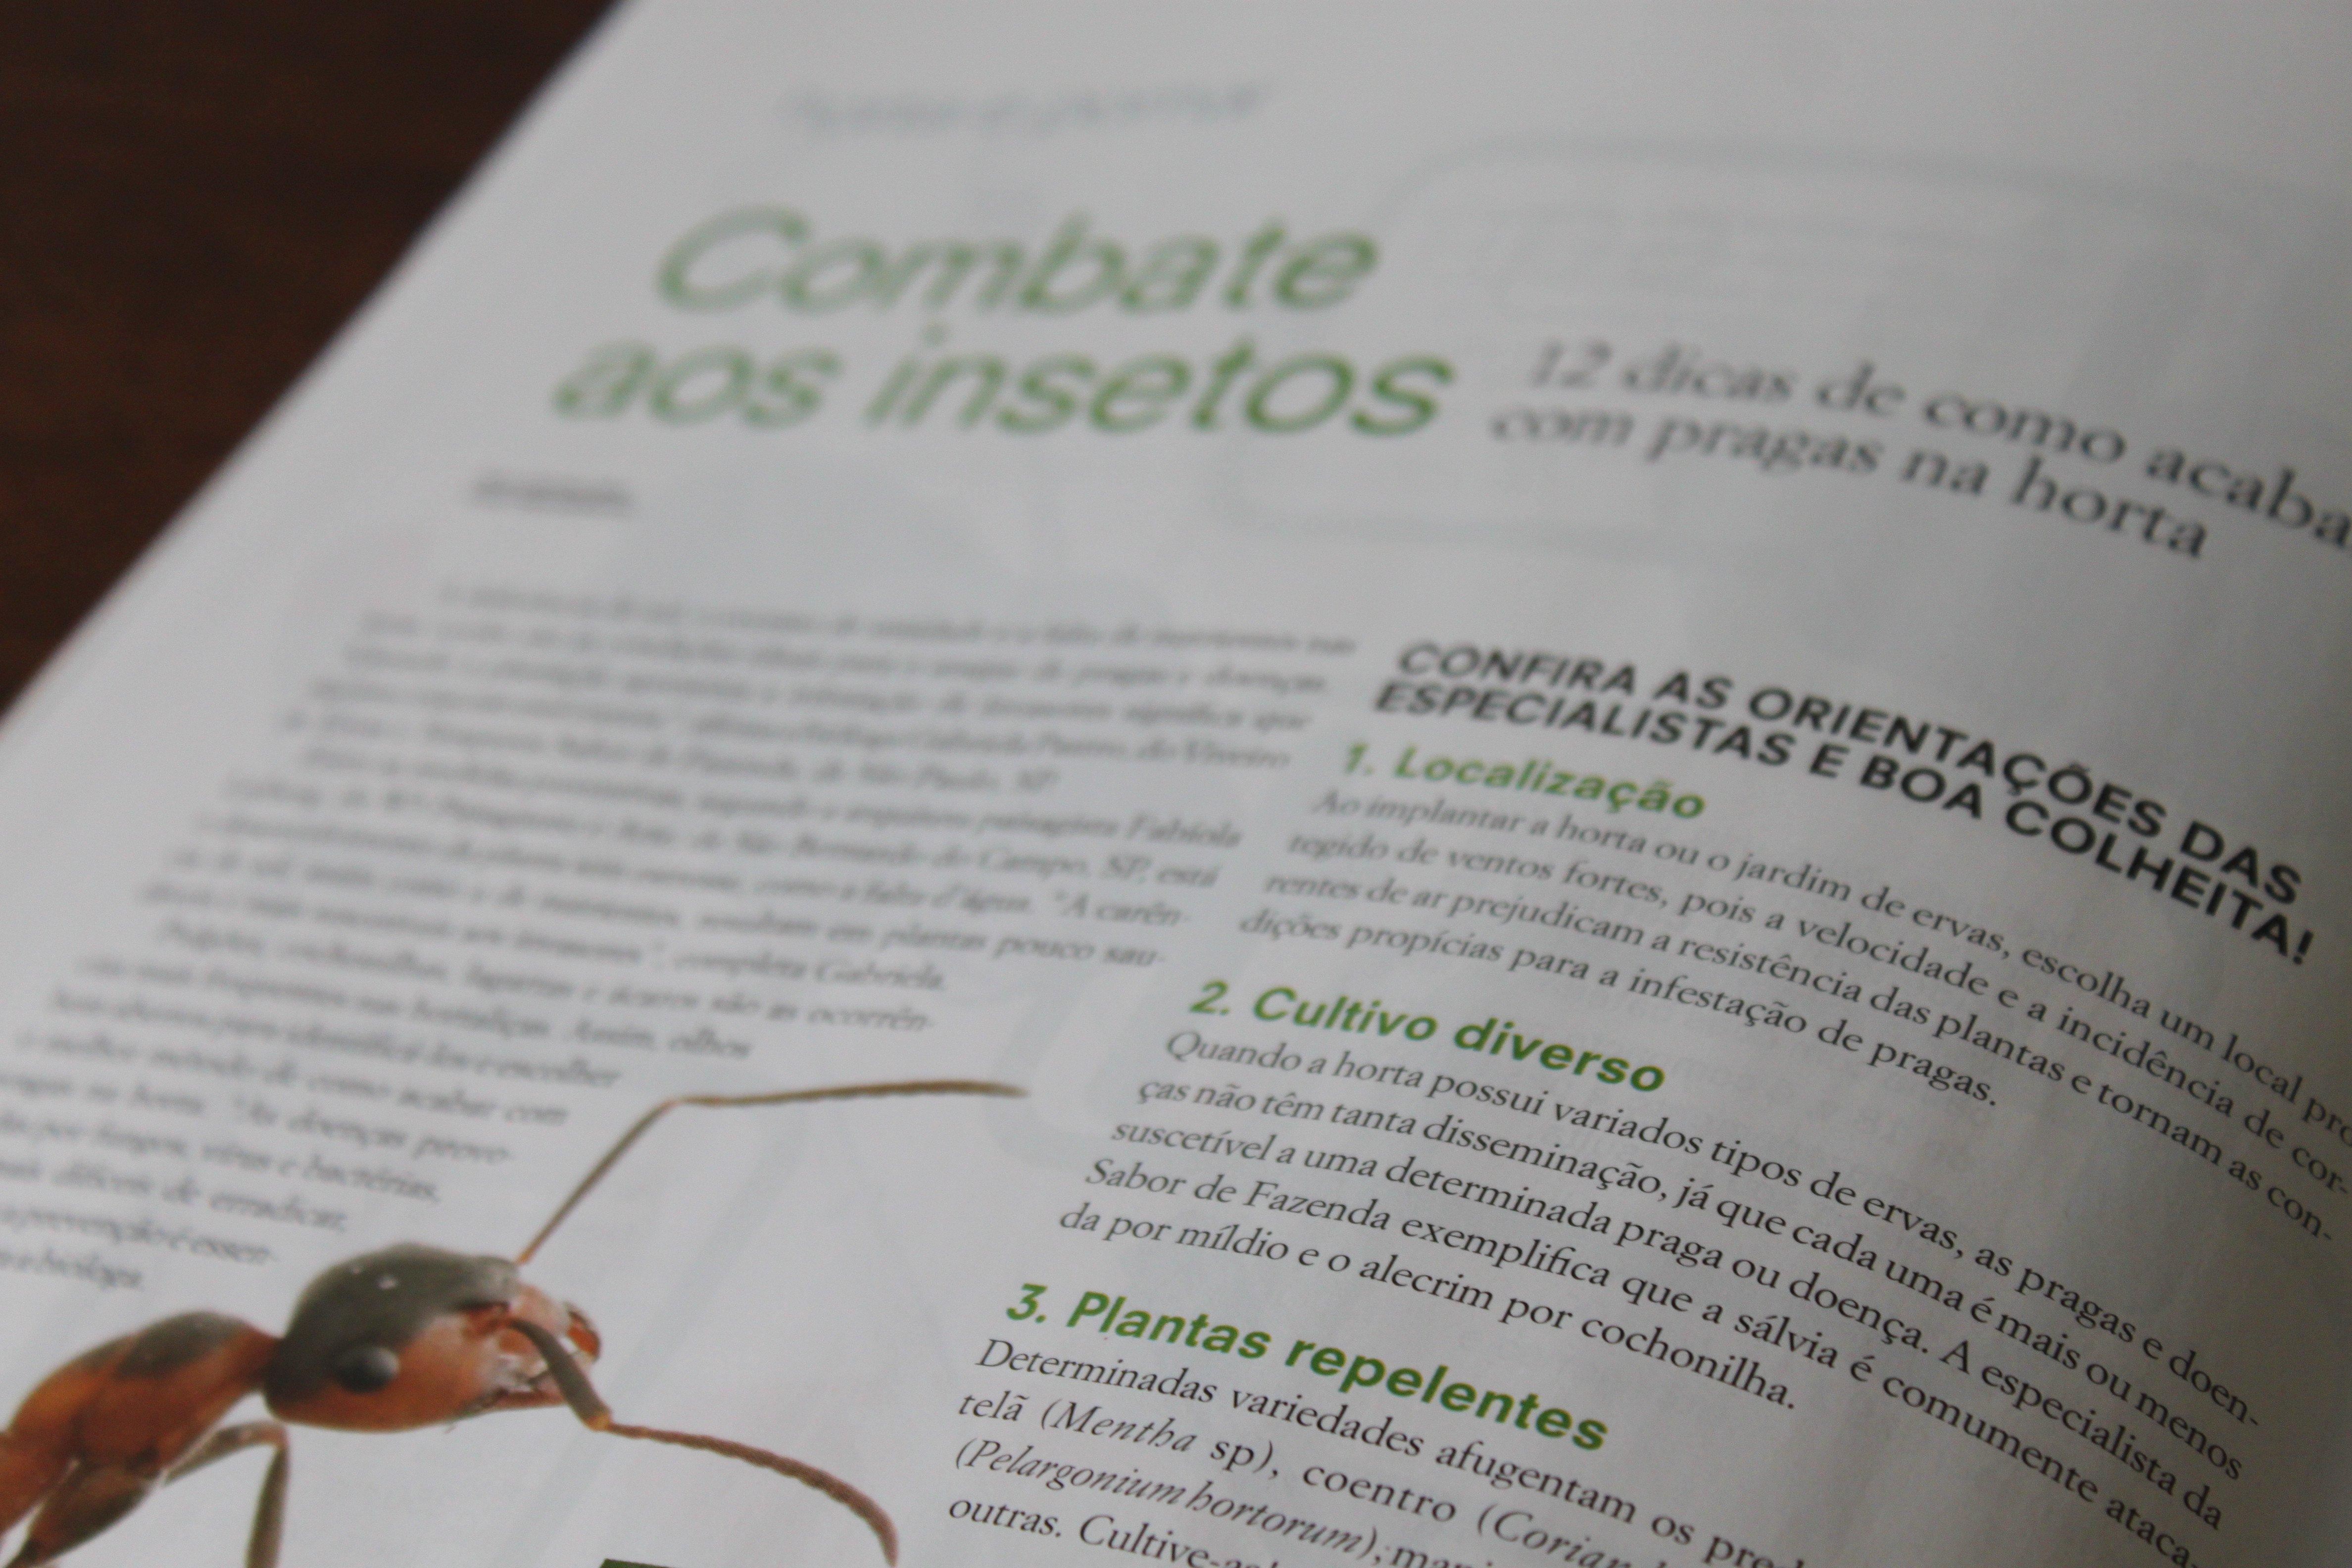 Revista Paisagismo e Jardinagem